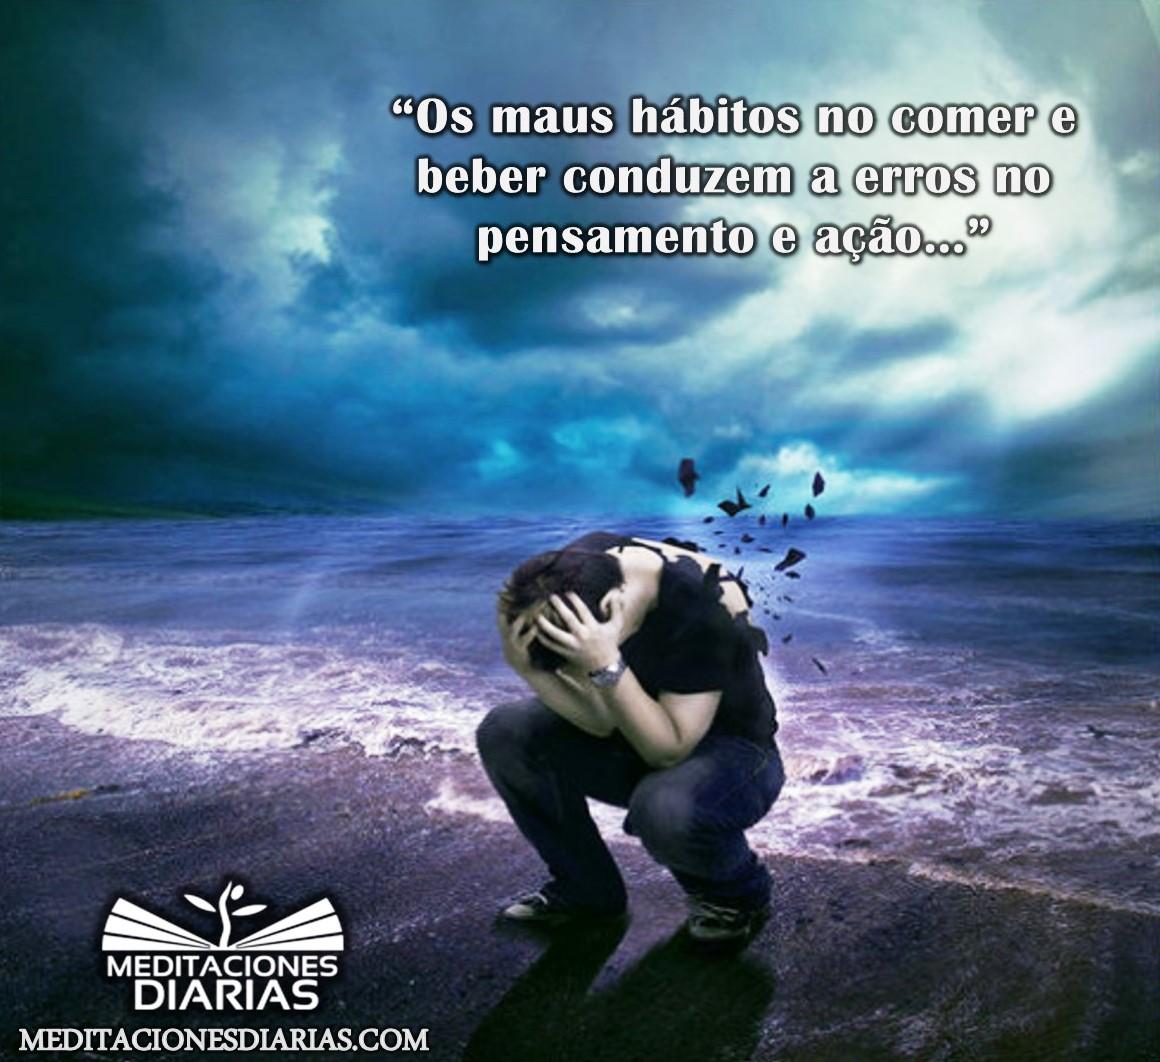 Saúde física e pensamentos elevados